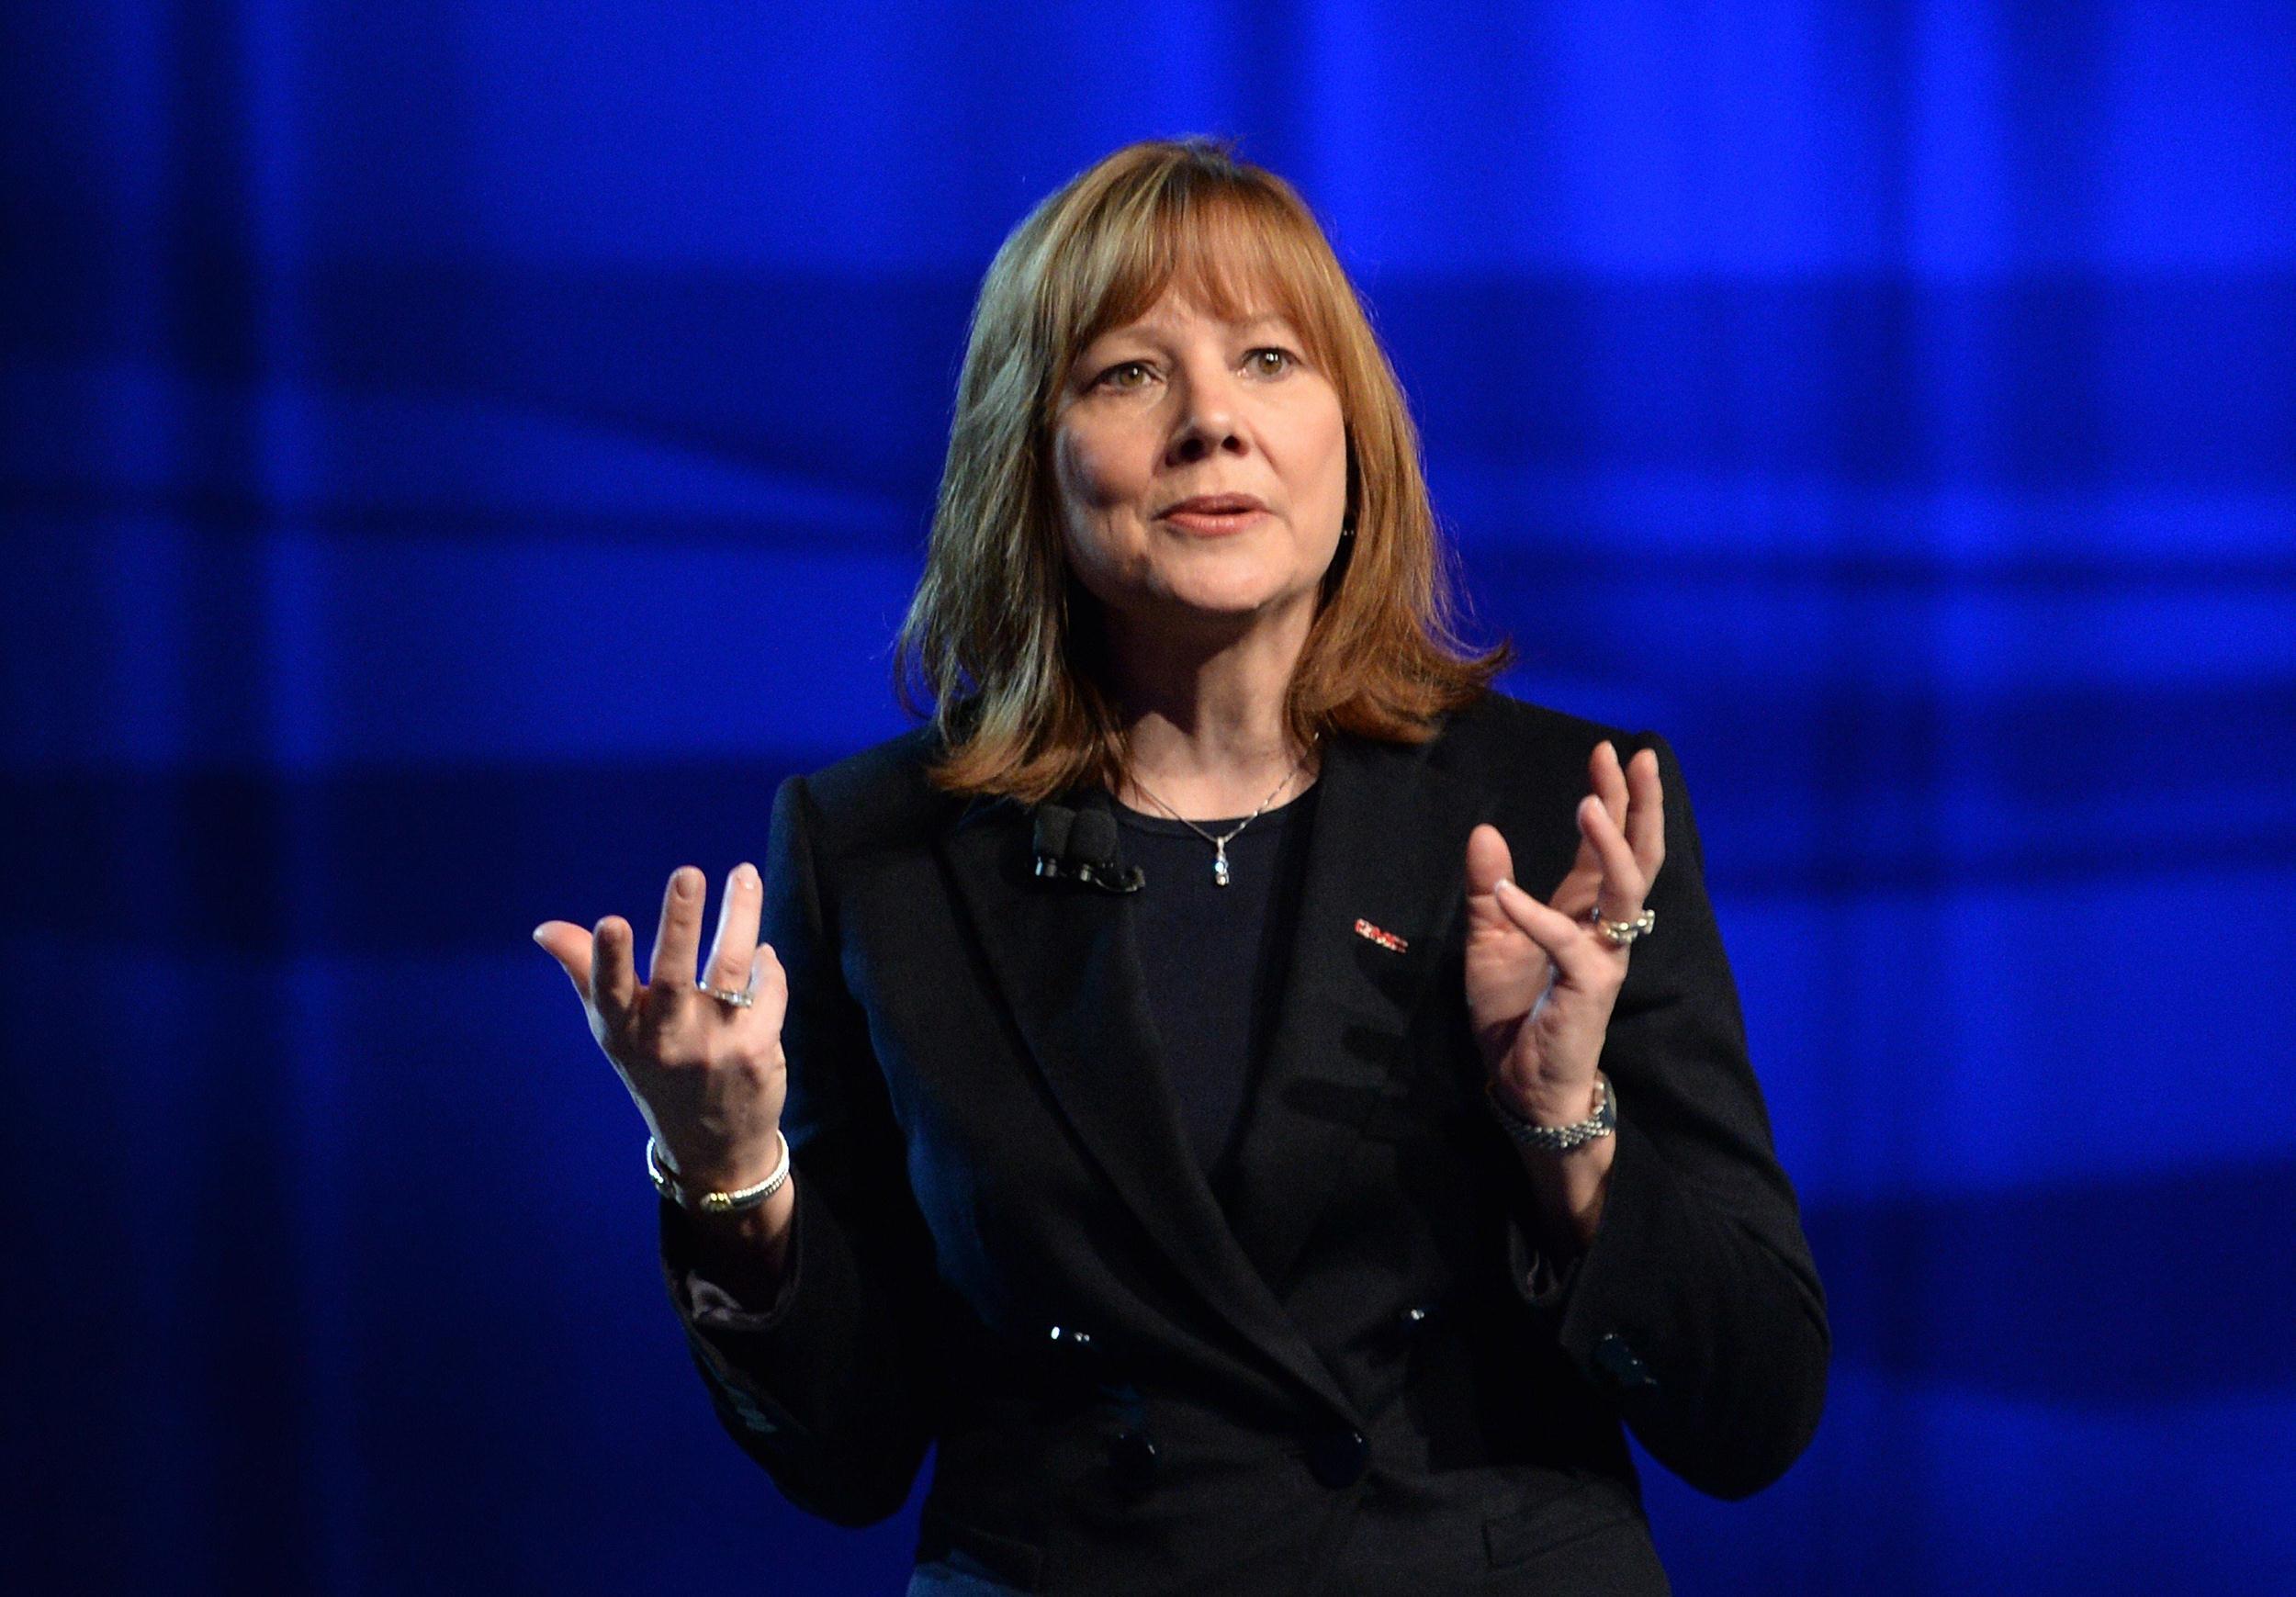 Image: General Motors CEO Mary Barra